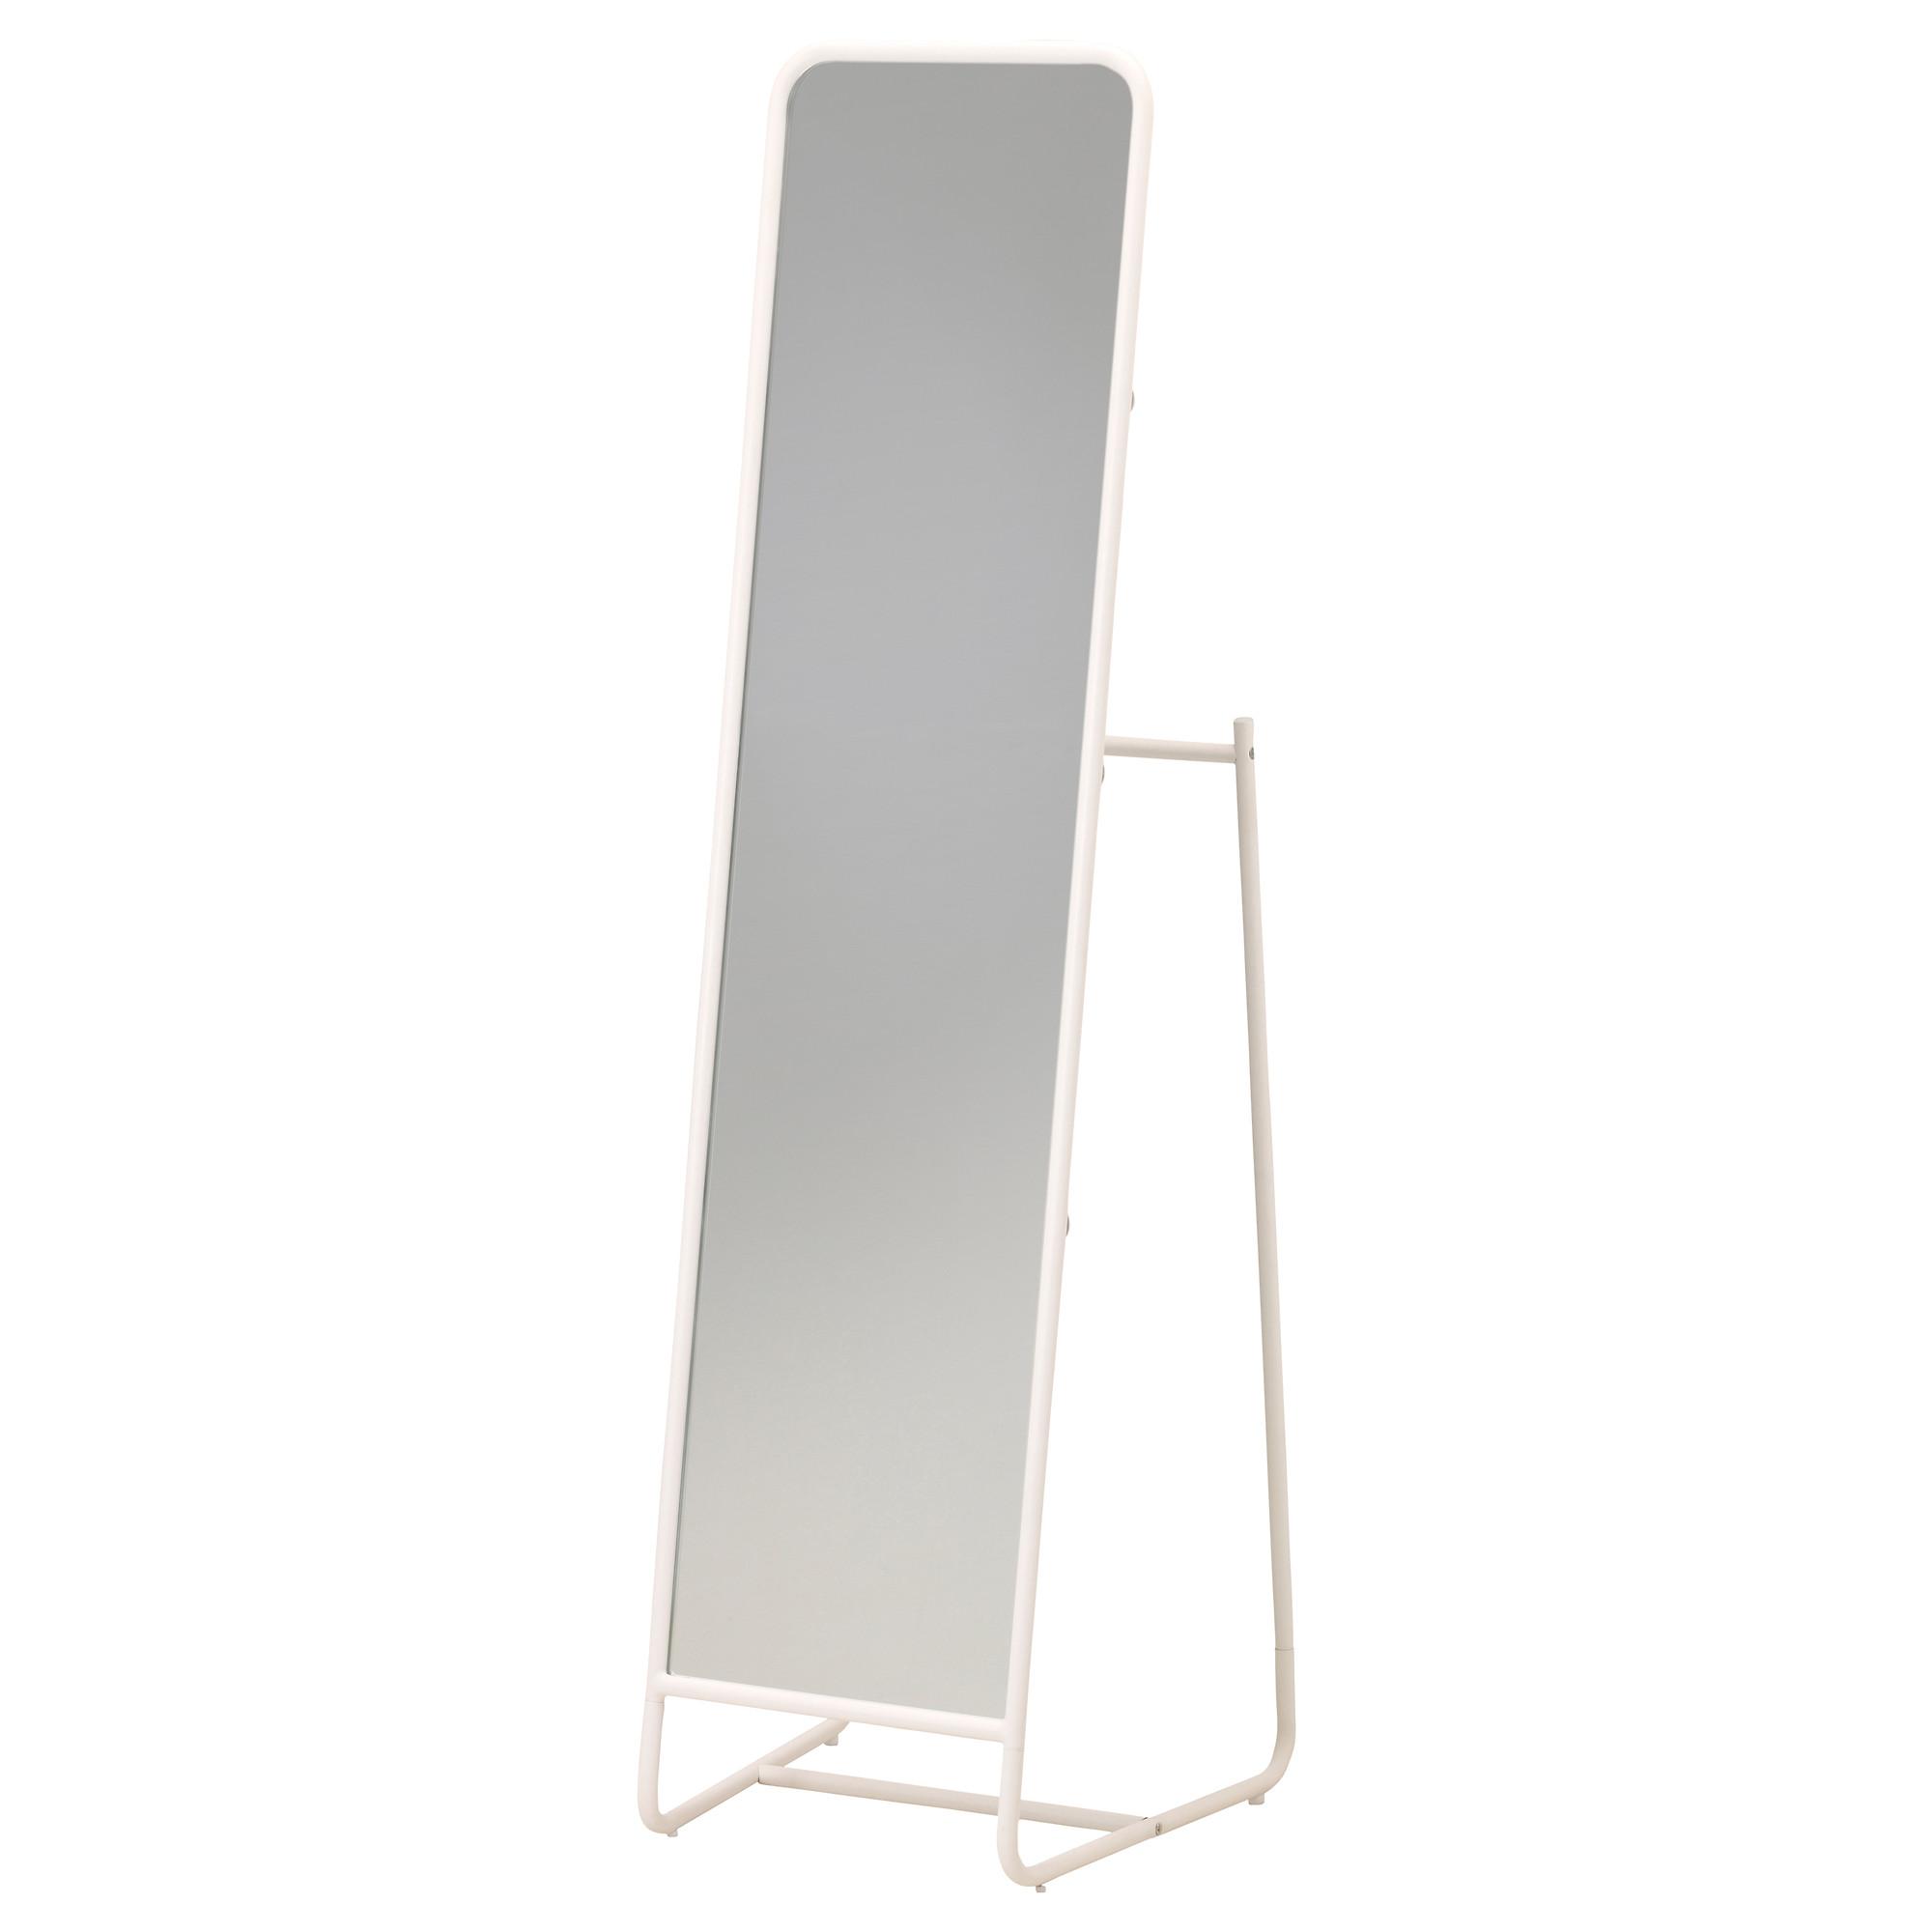 купить зеркало напольное кнаппер белый в Ikea минск стоимость